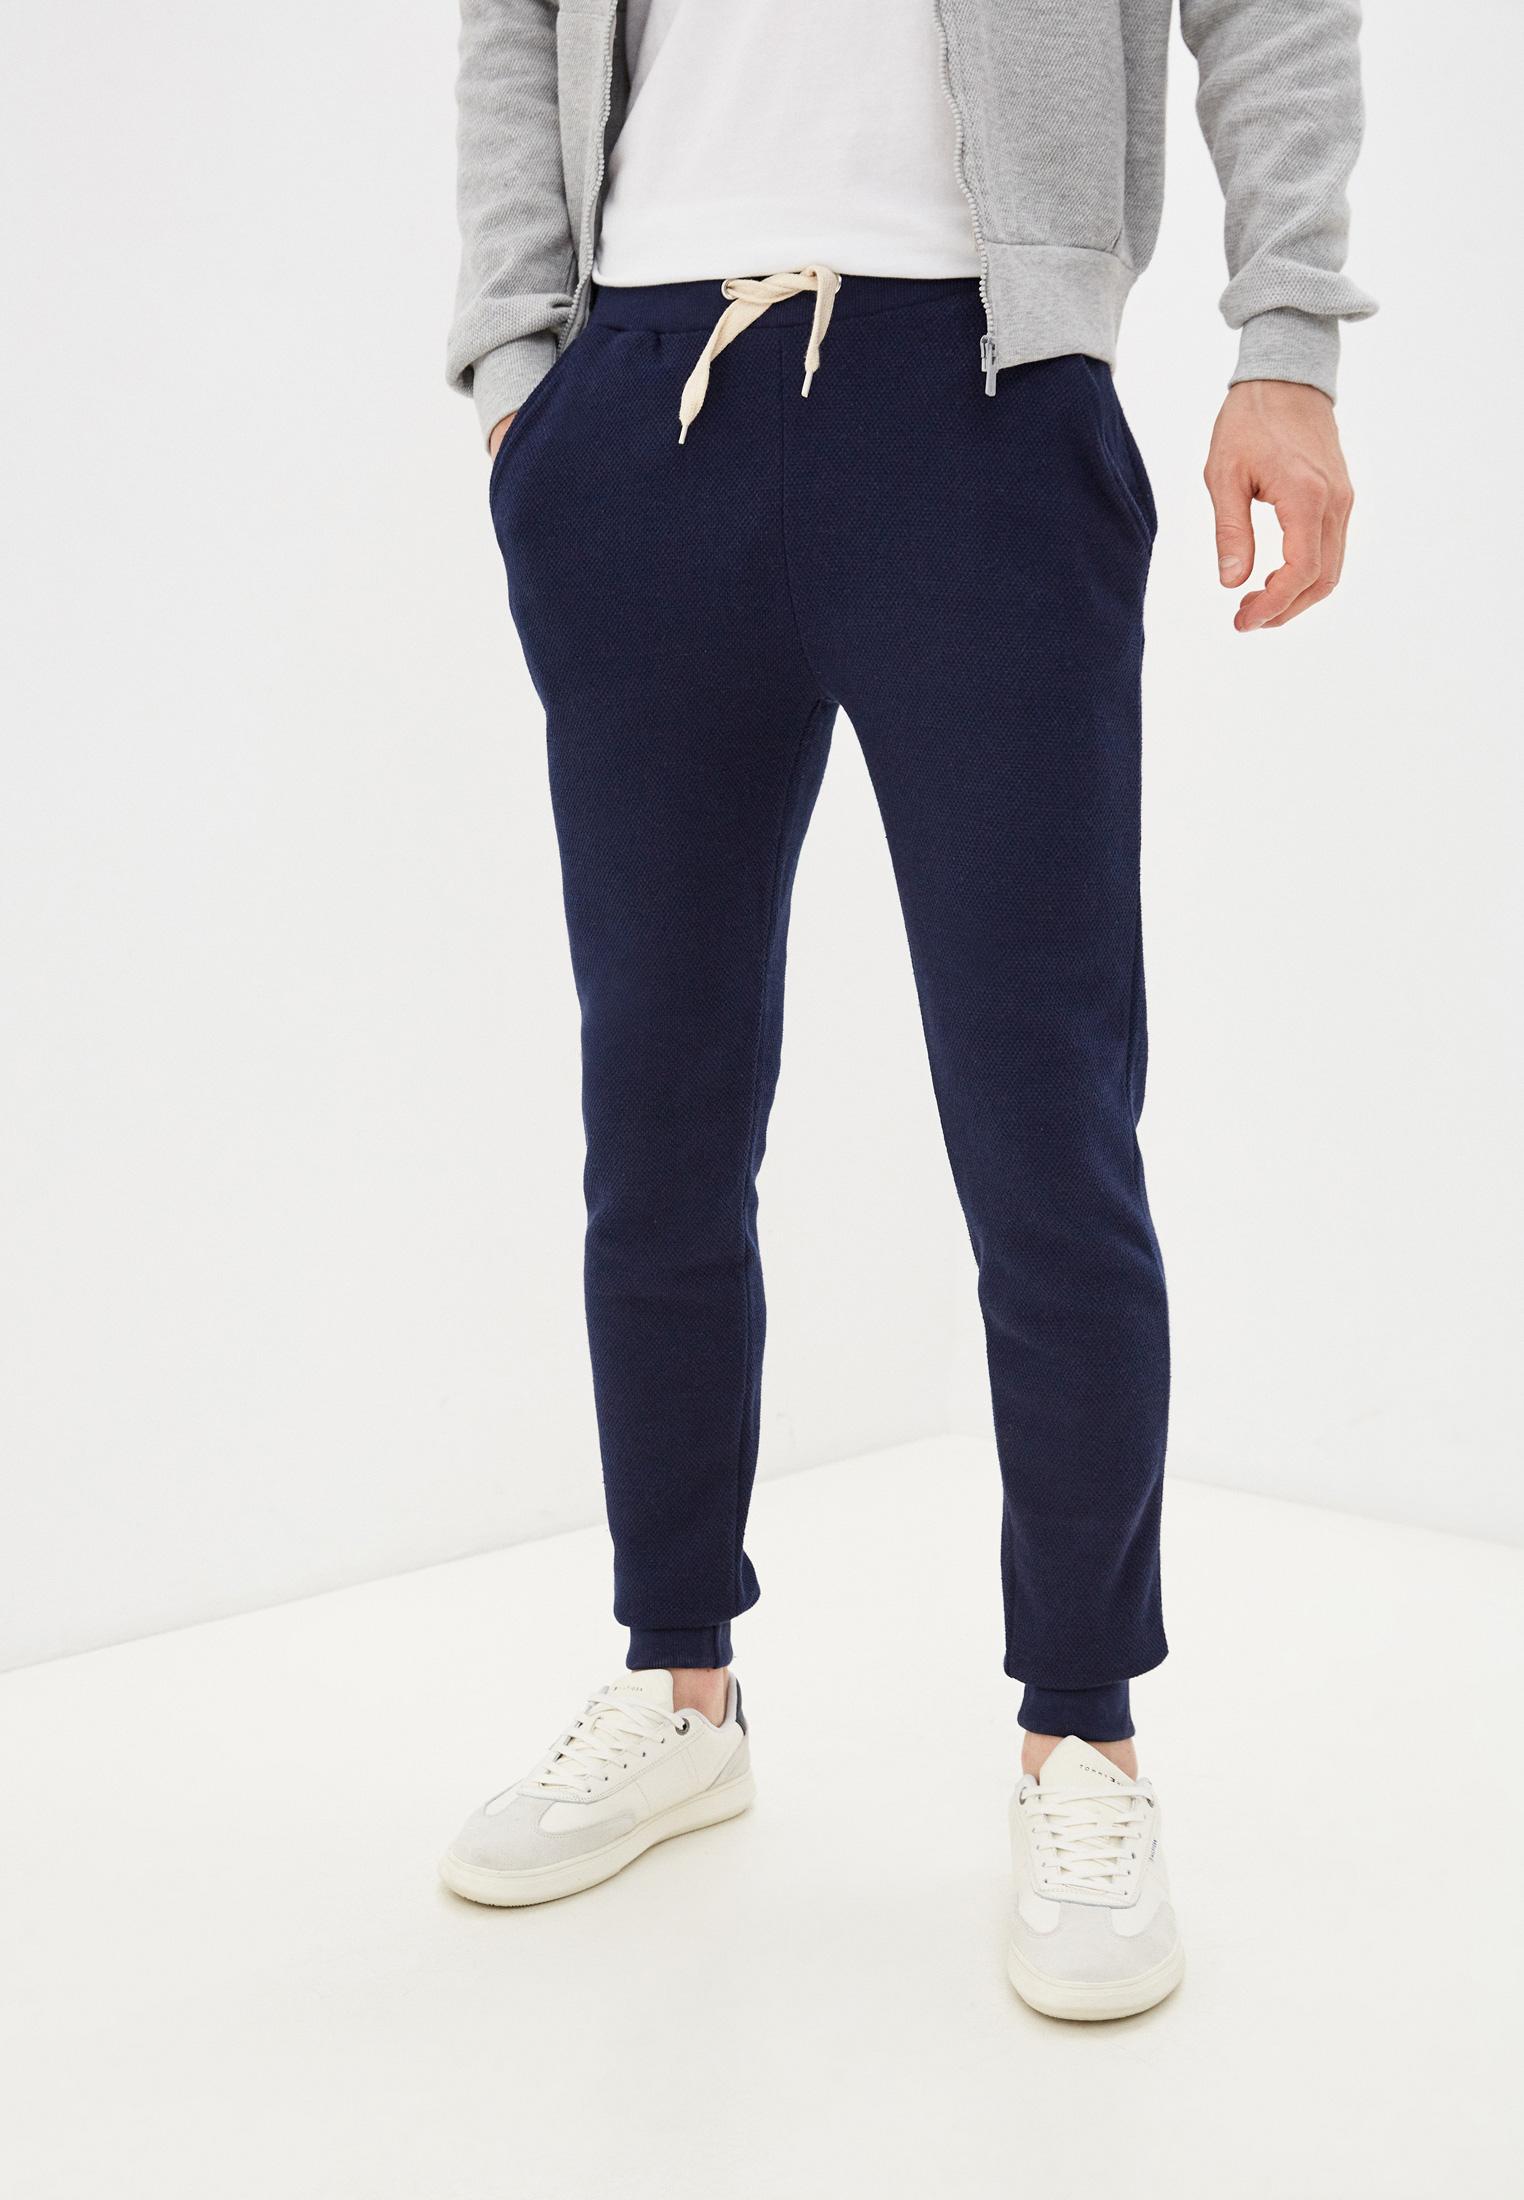 Мужские спортивные брюки Hopenlife Брюки спортивные Hopenlife